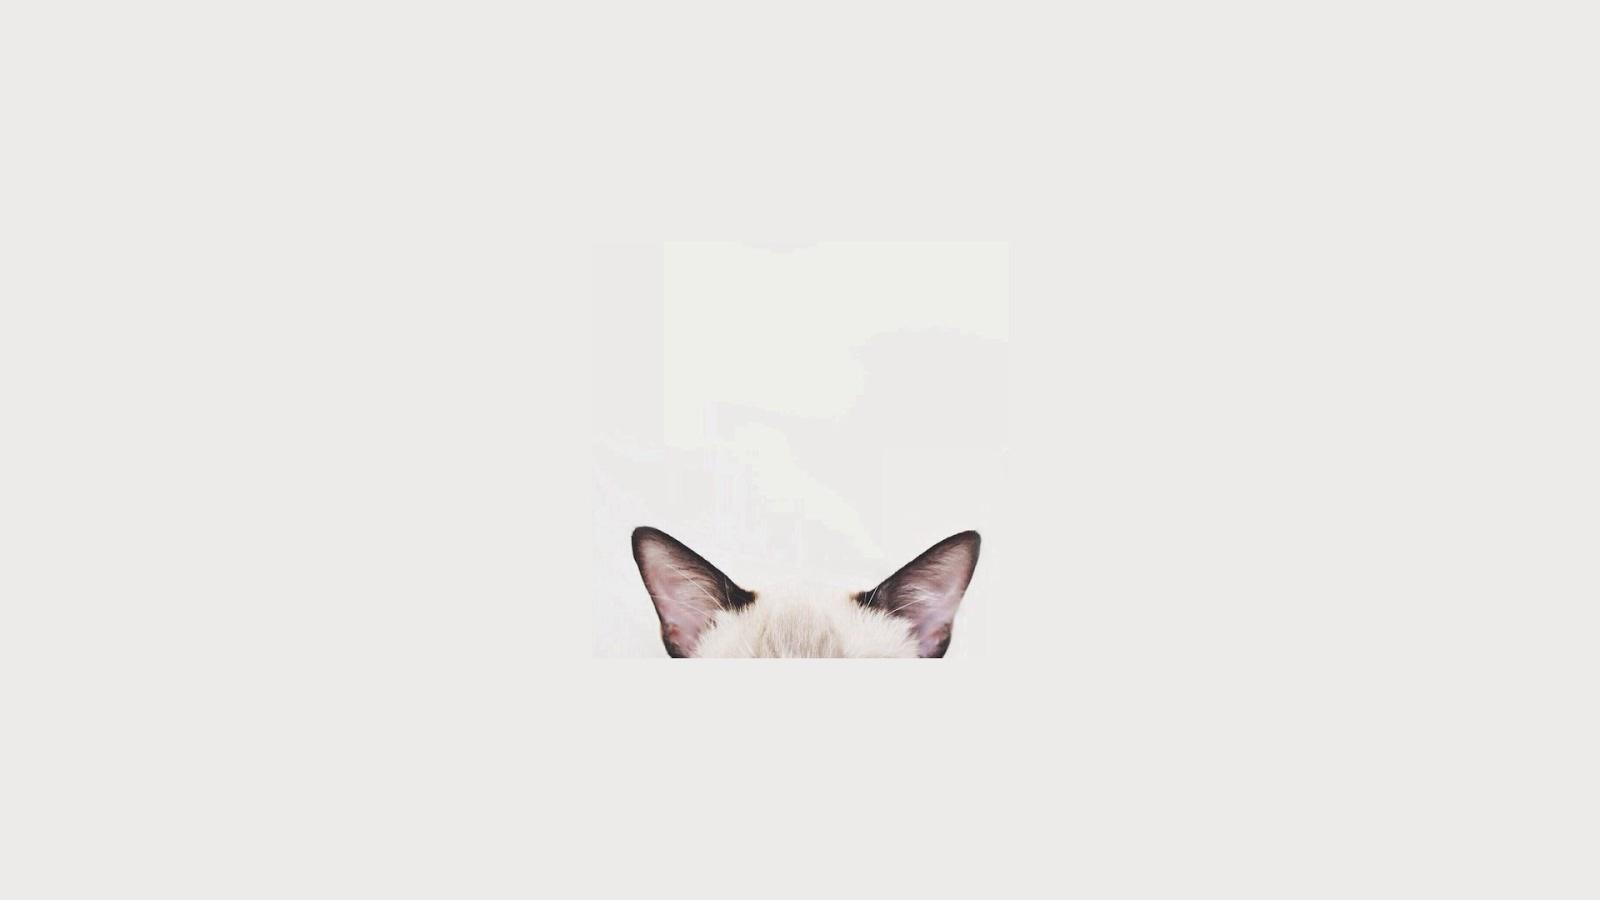 Cute Little Kitten Desktop Wallpapers Littlebug 365 Minimal Wallpaper Version 3